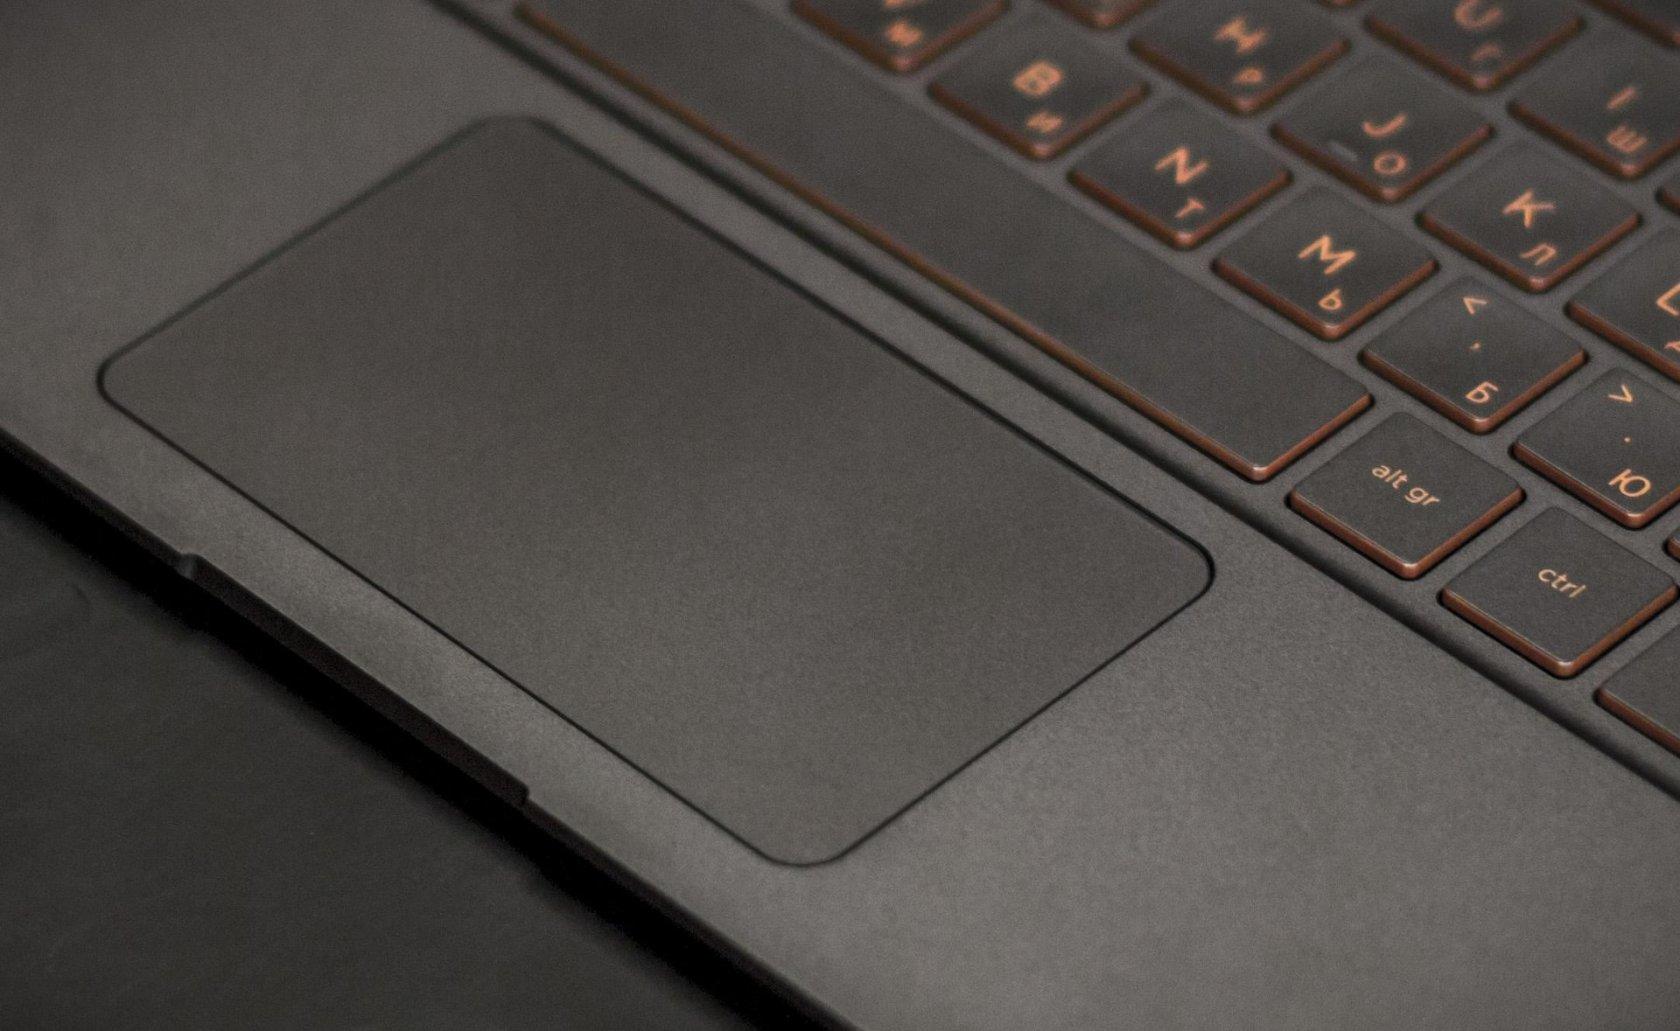 Технологии и дизайн в одном устройстве. Ноутбук HP Spectre 13 - 19